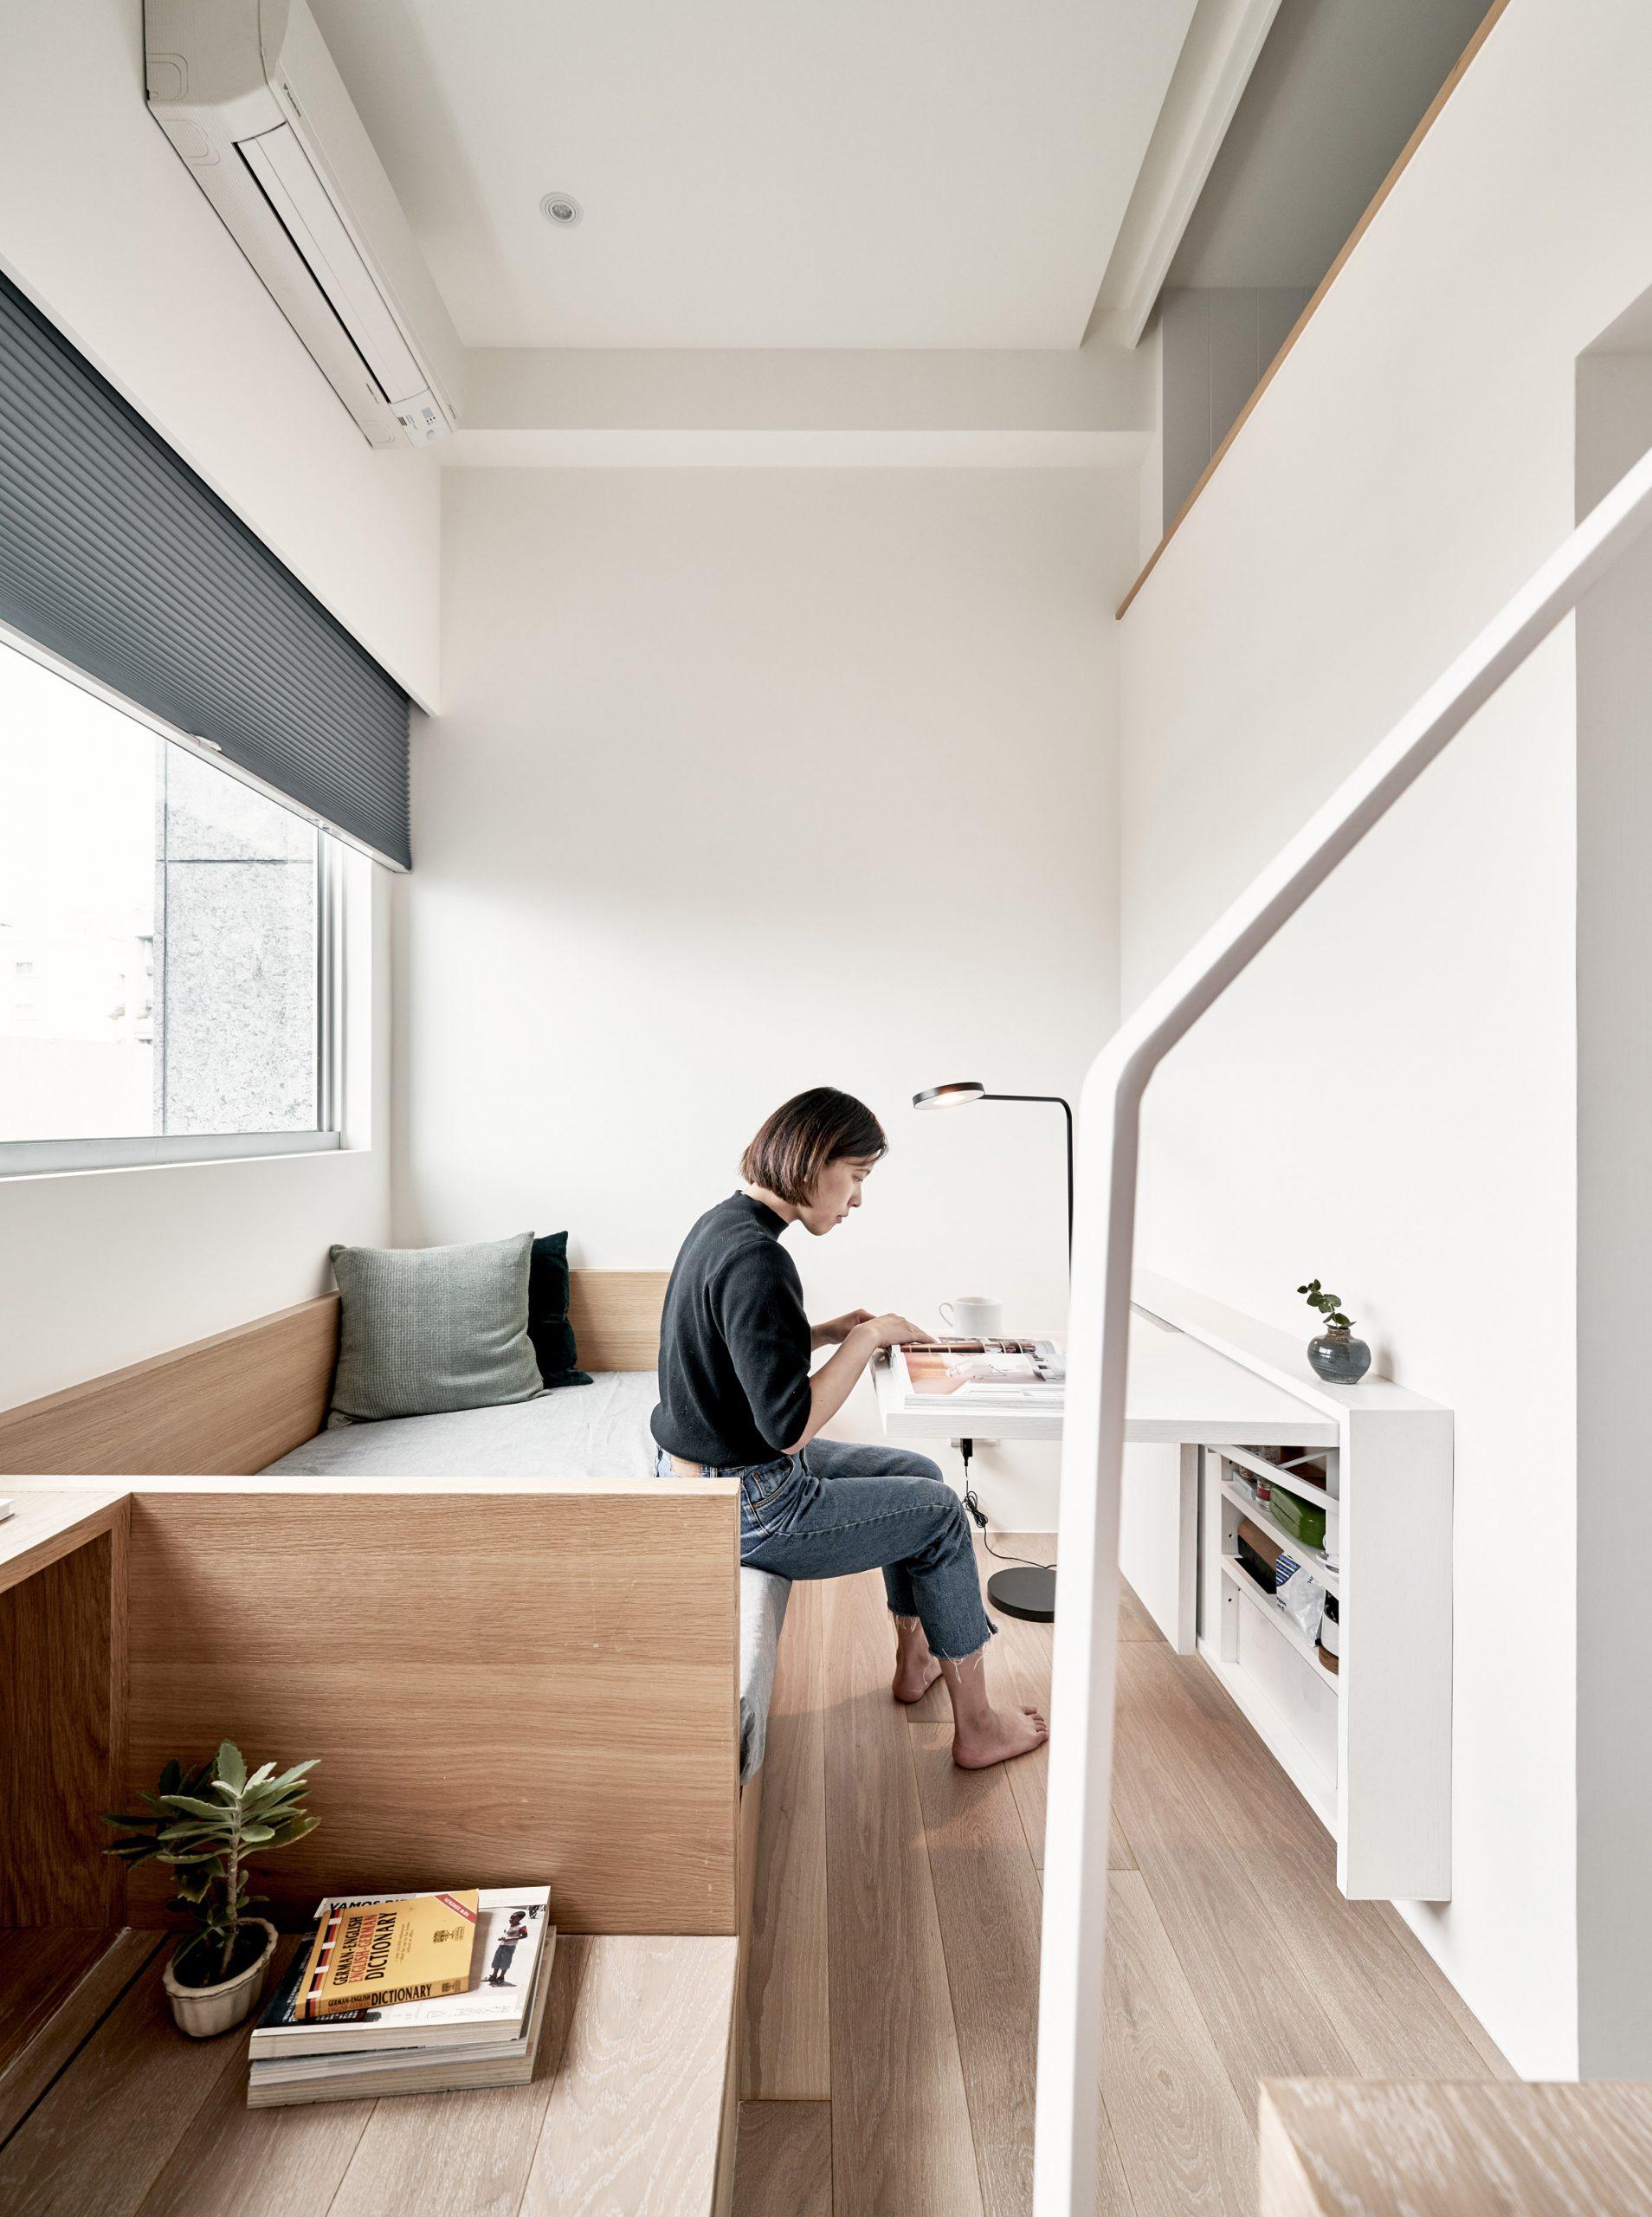 Thiết kế nội thất căn hộ 50m2 14